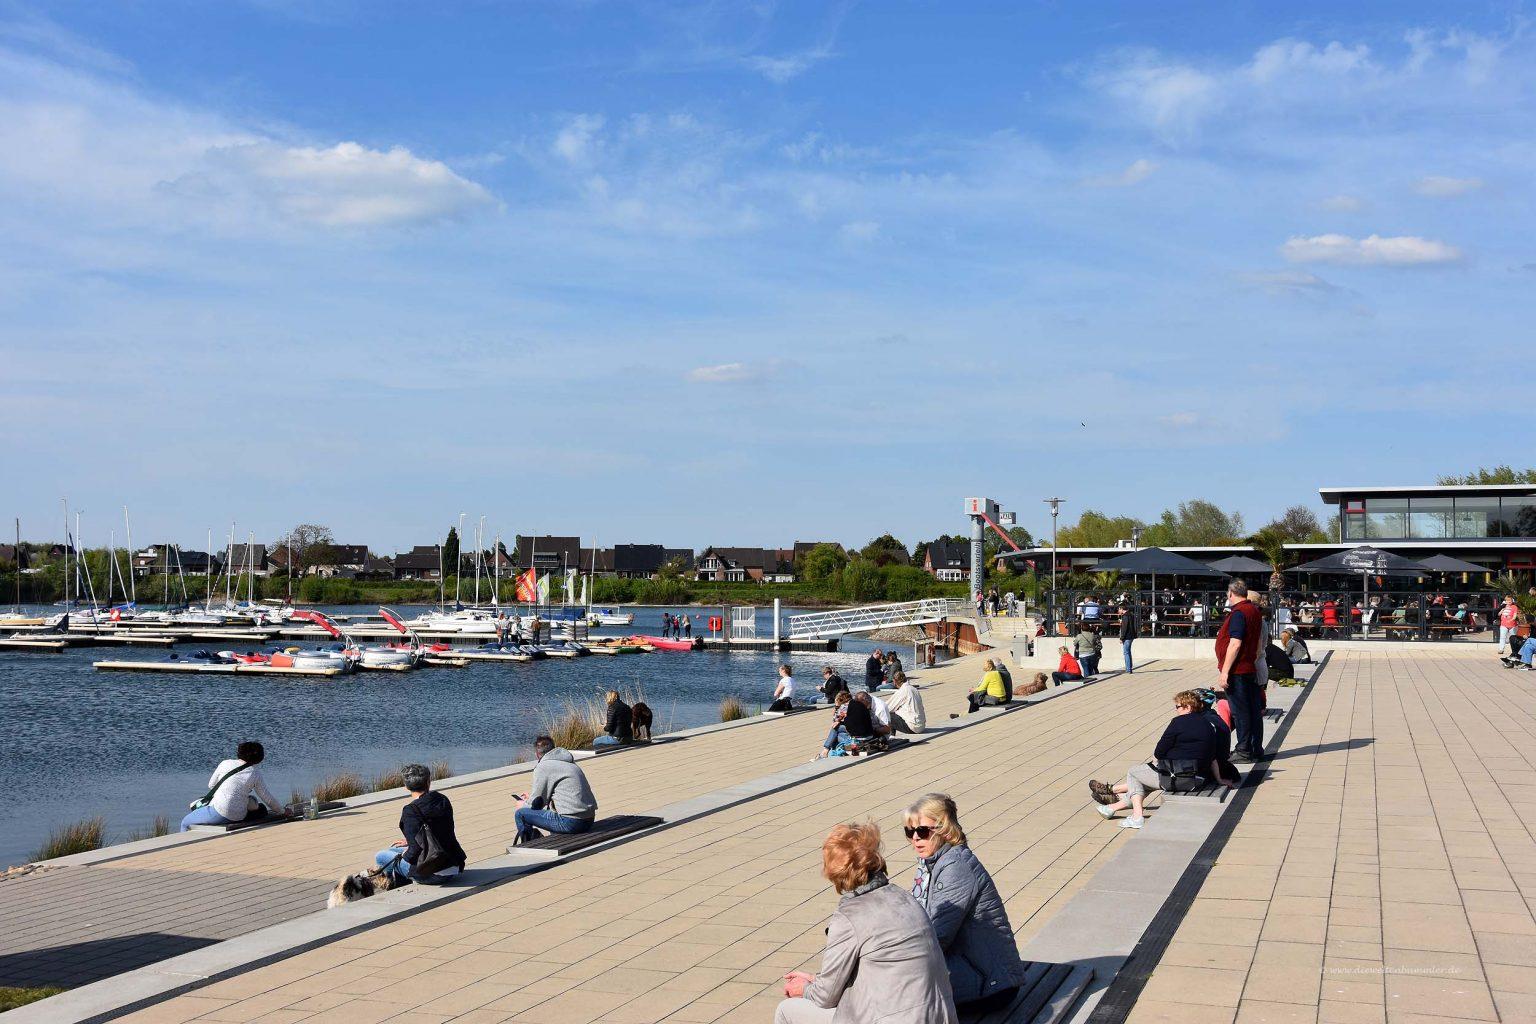 Promenade an der Xantener Südsee